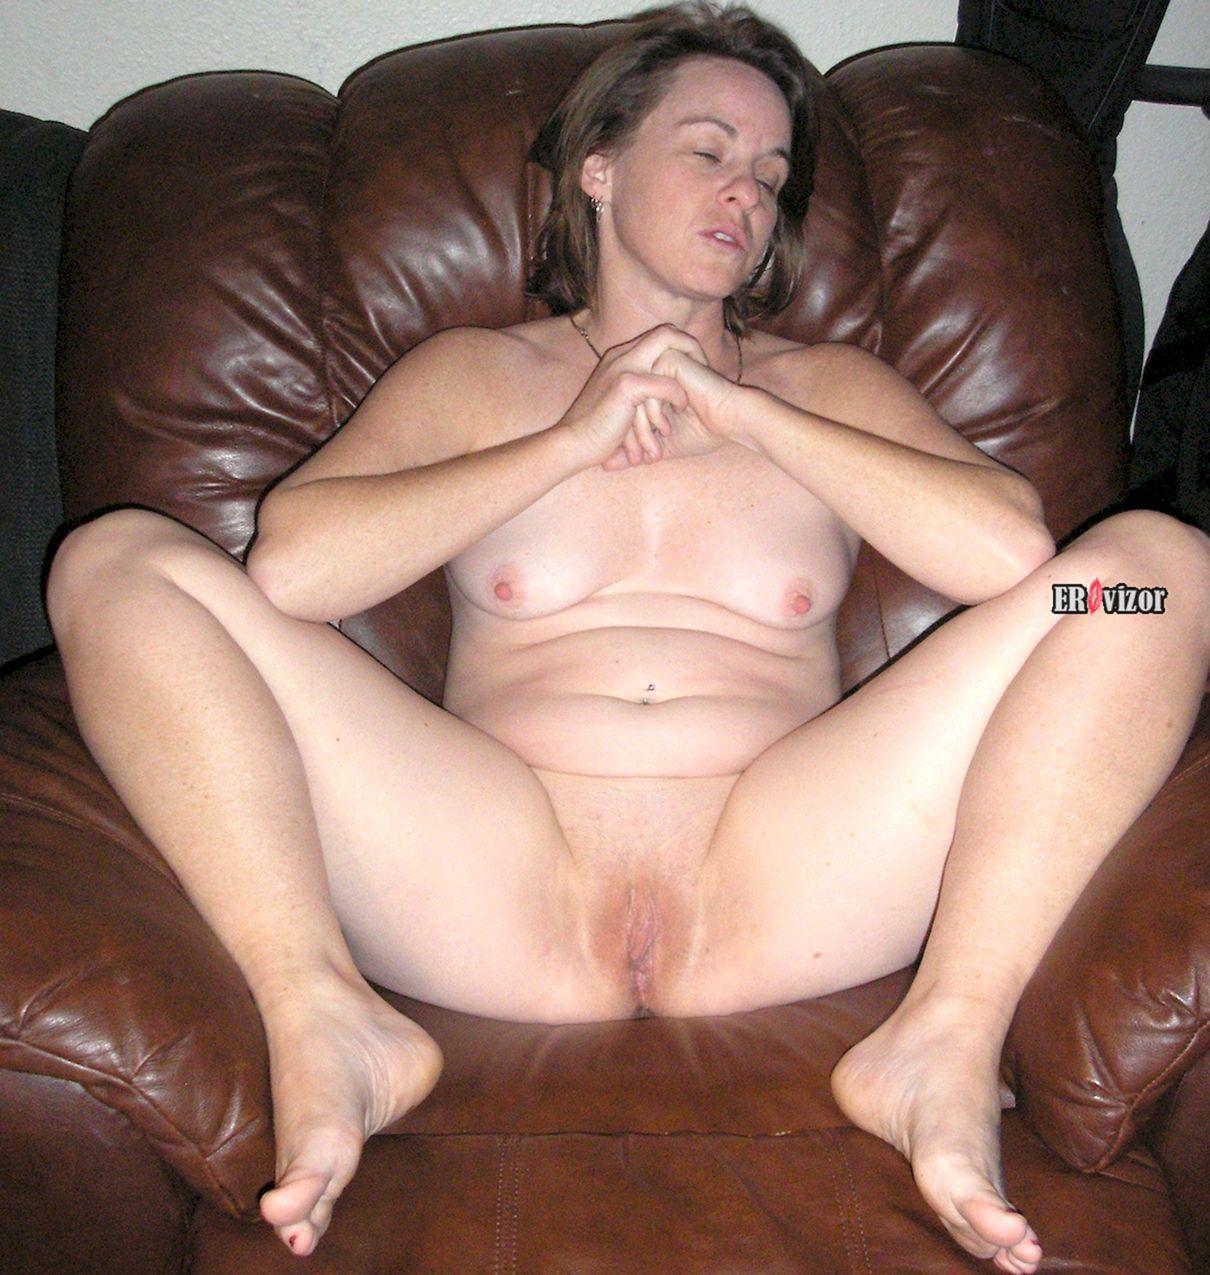 обнаженная женщина на кресле